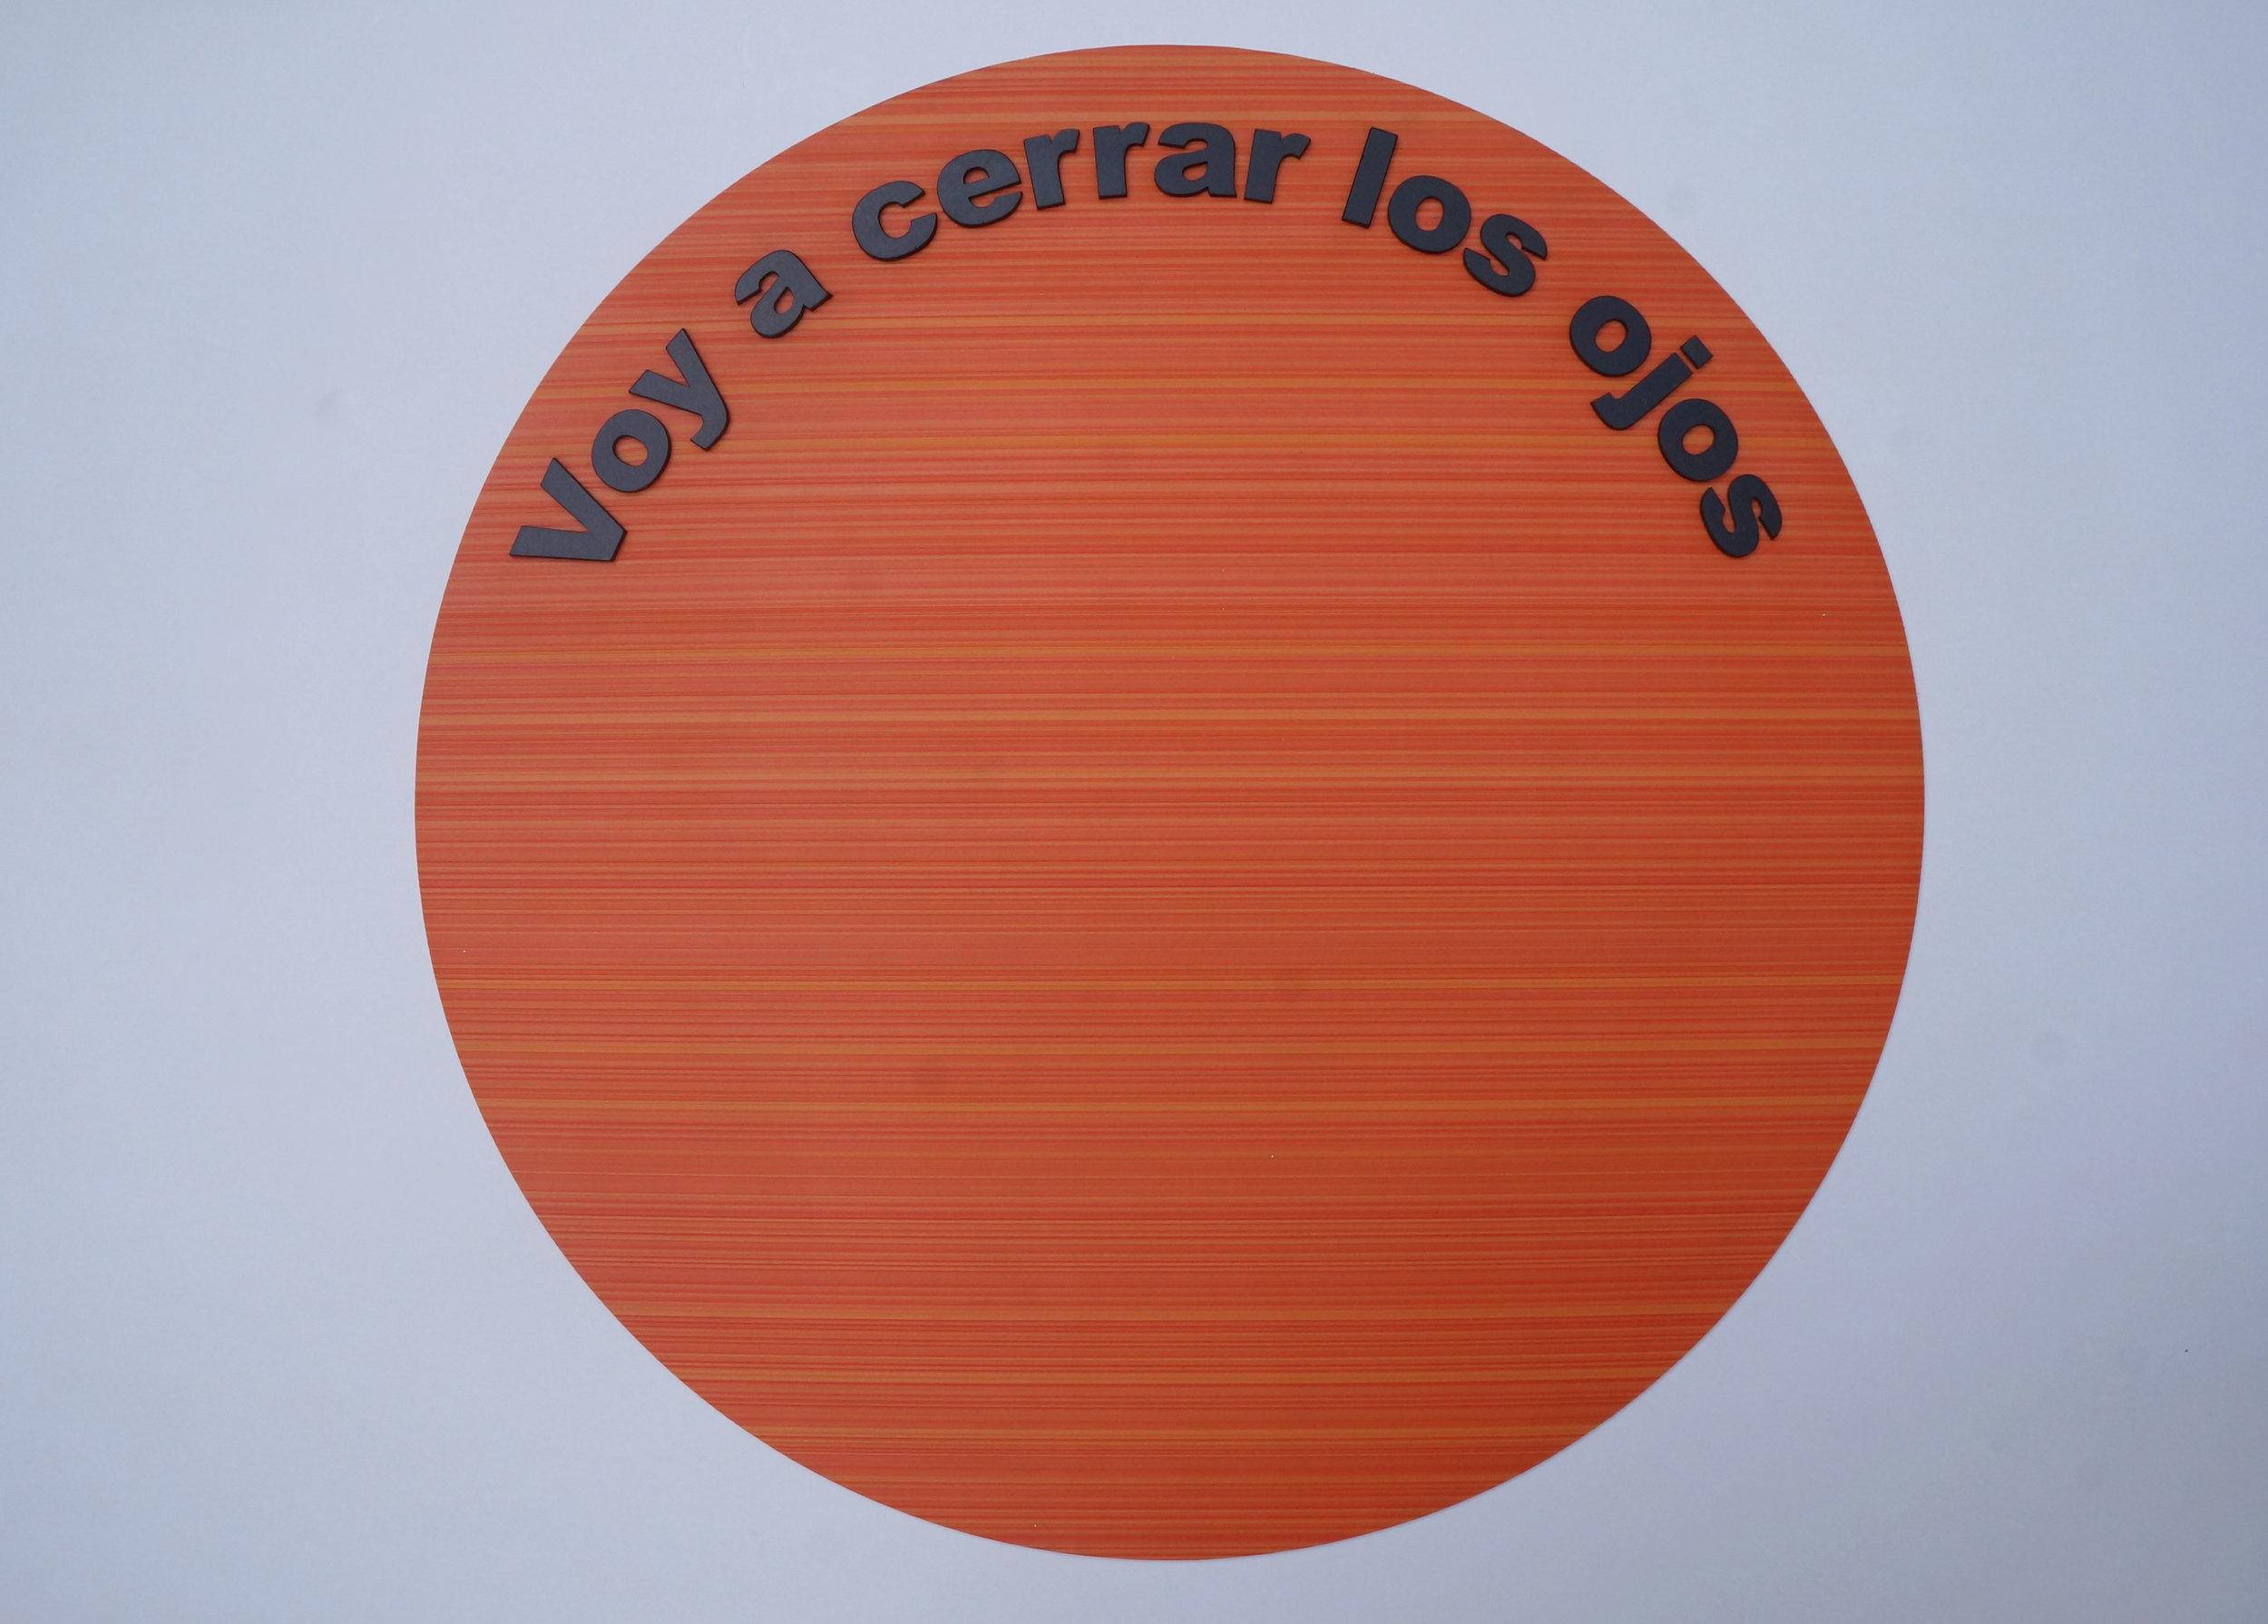 Plataforma 1 VOY A CERRAR LOS OJOS.jpg